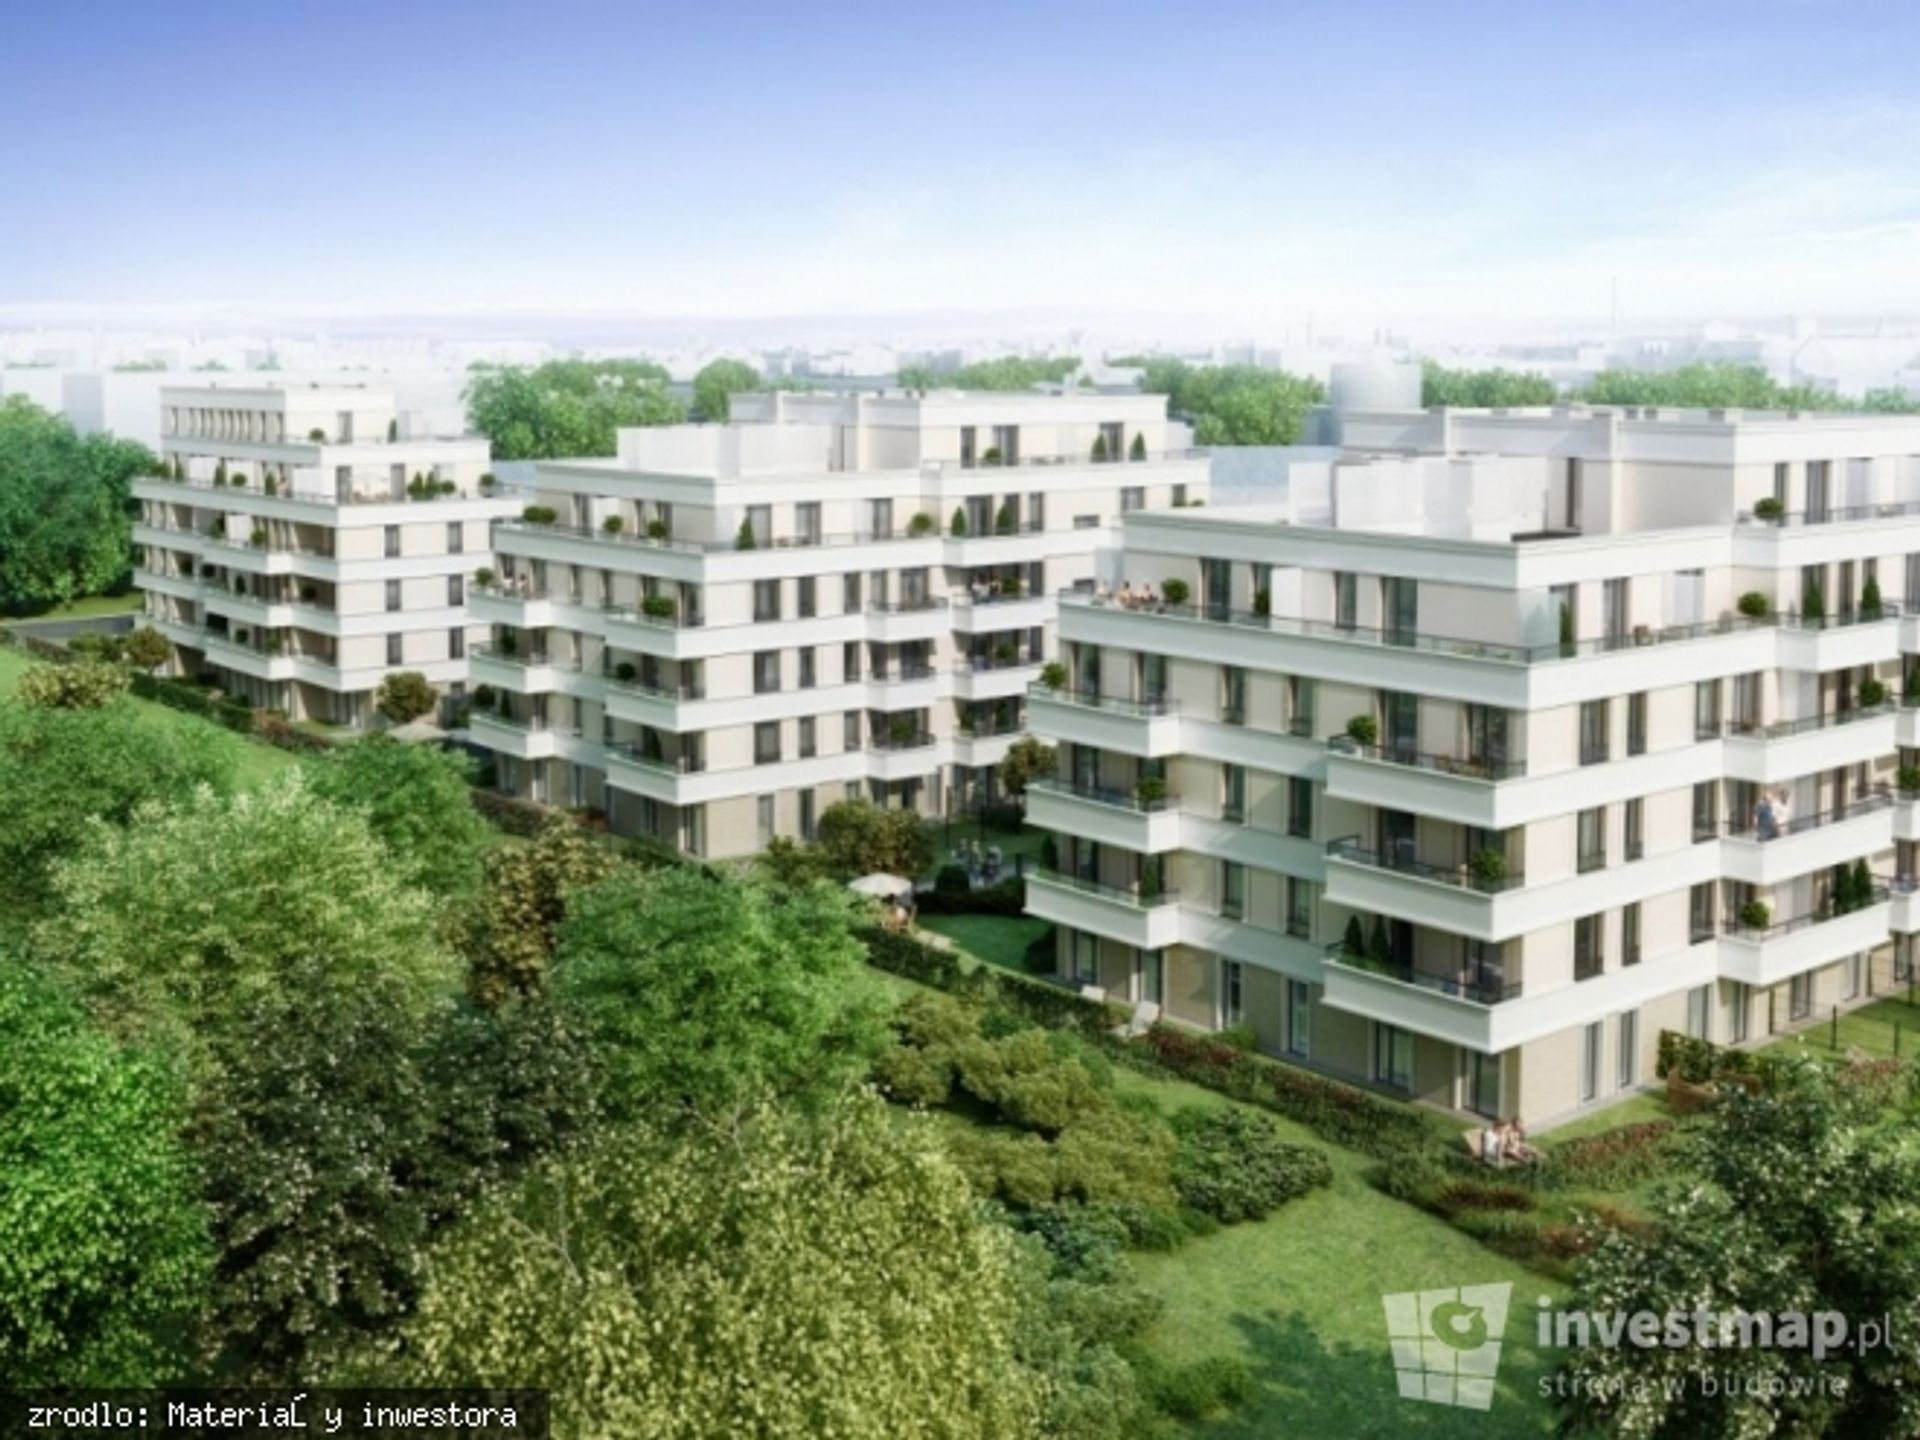 [Wrocław] I2 Development buduje w kolejnych dzielnicach Wrocławia – cichy zakątek przy Pięknej 58 na Krzykach